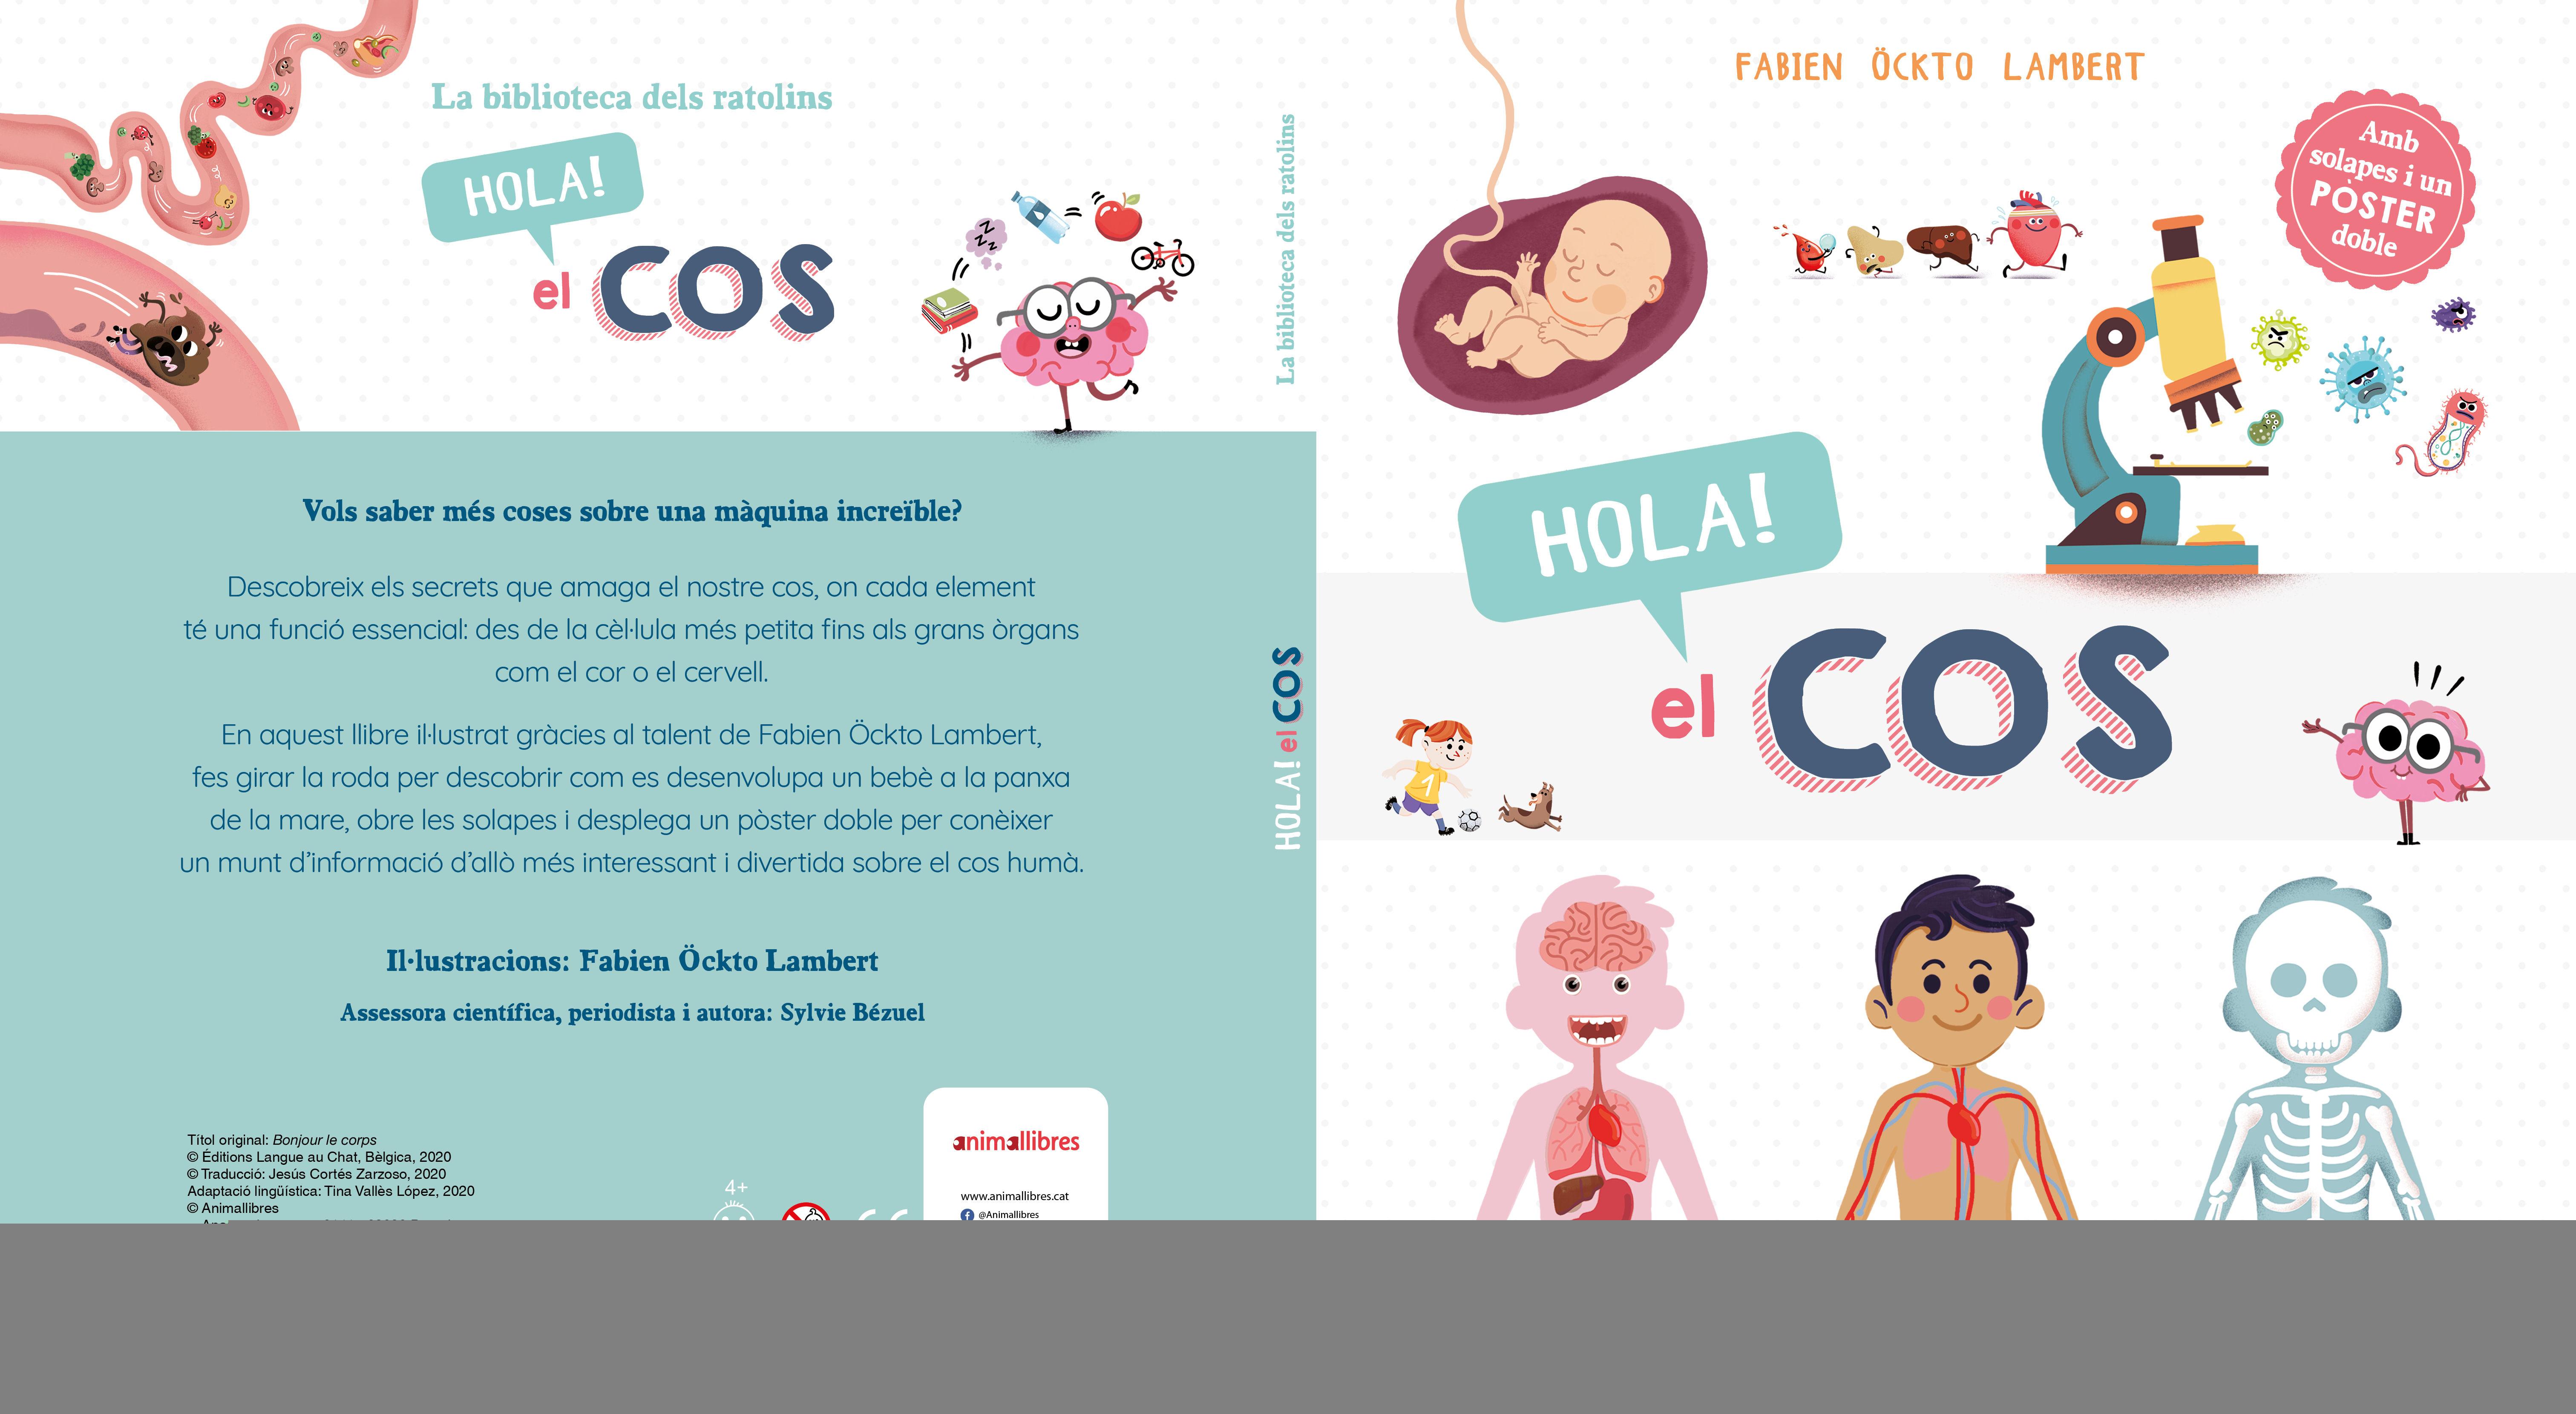 HOLA! EL COS